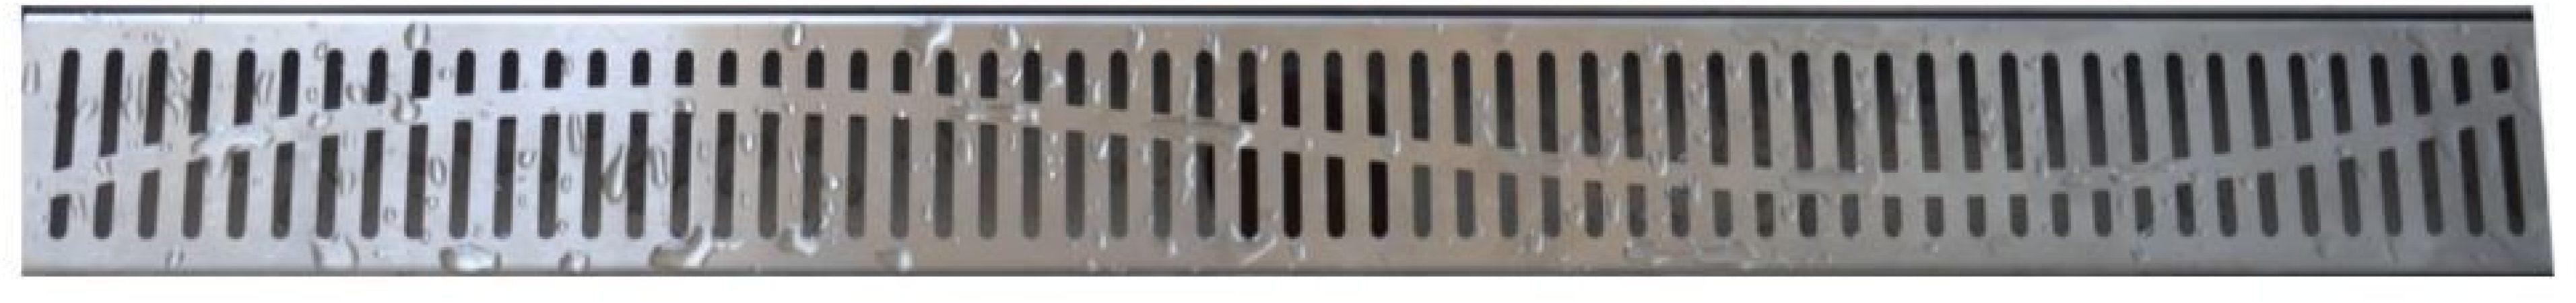 Afbeelding van Zilveren Praya Los rooster type 5 tbv 3e gen douchegoot 100cm 33.4265